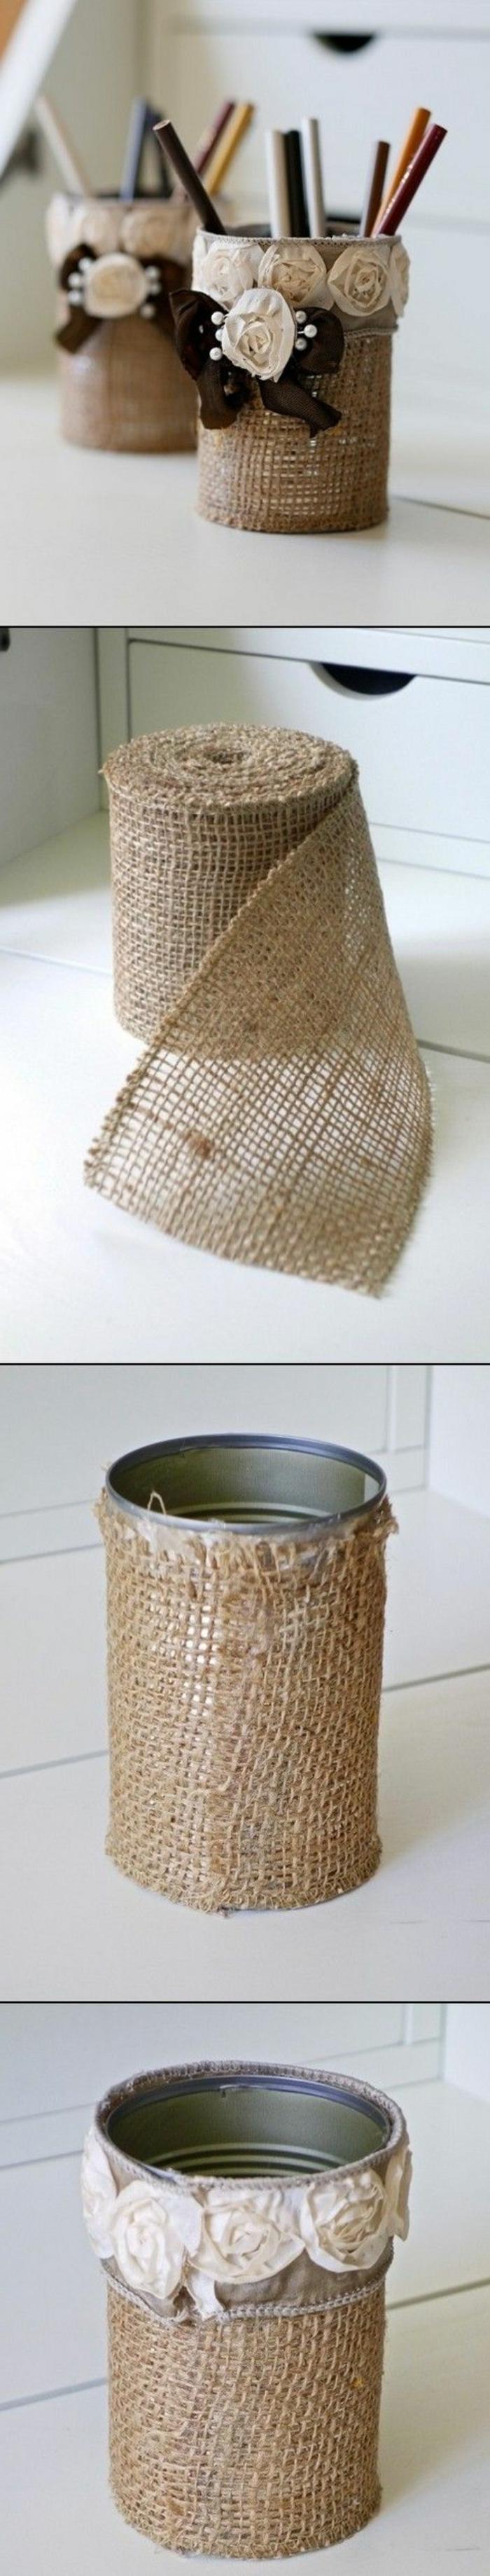 activité manuelle printemps, idée fabrication pot fleurs DIY, exemple recyclage de boîte conserve en pot fleur